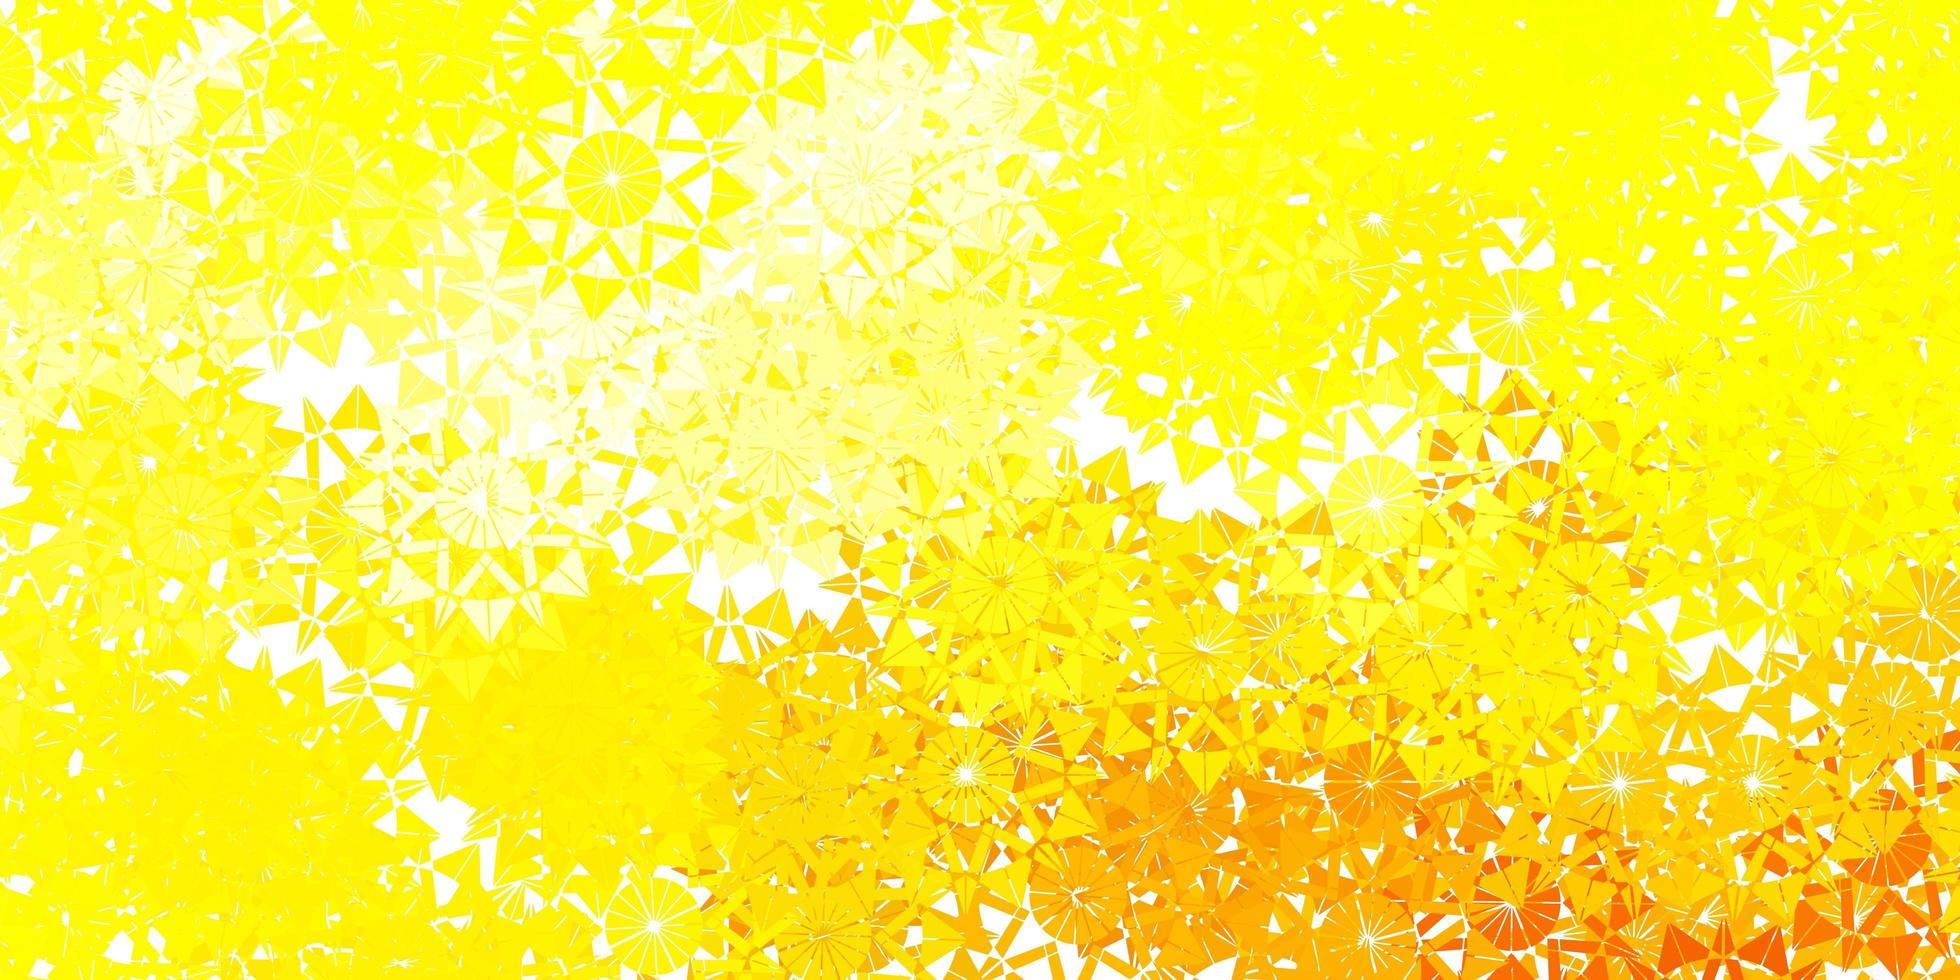 hellgelbes Vektormuster mit farbigen Schneeflocken. vektor